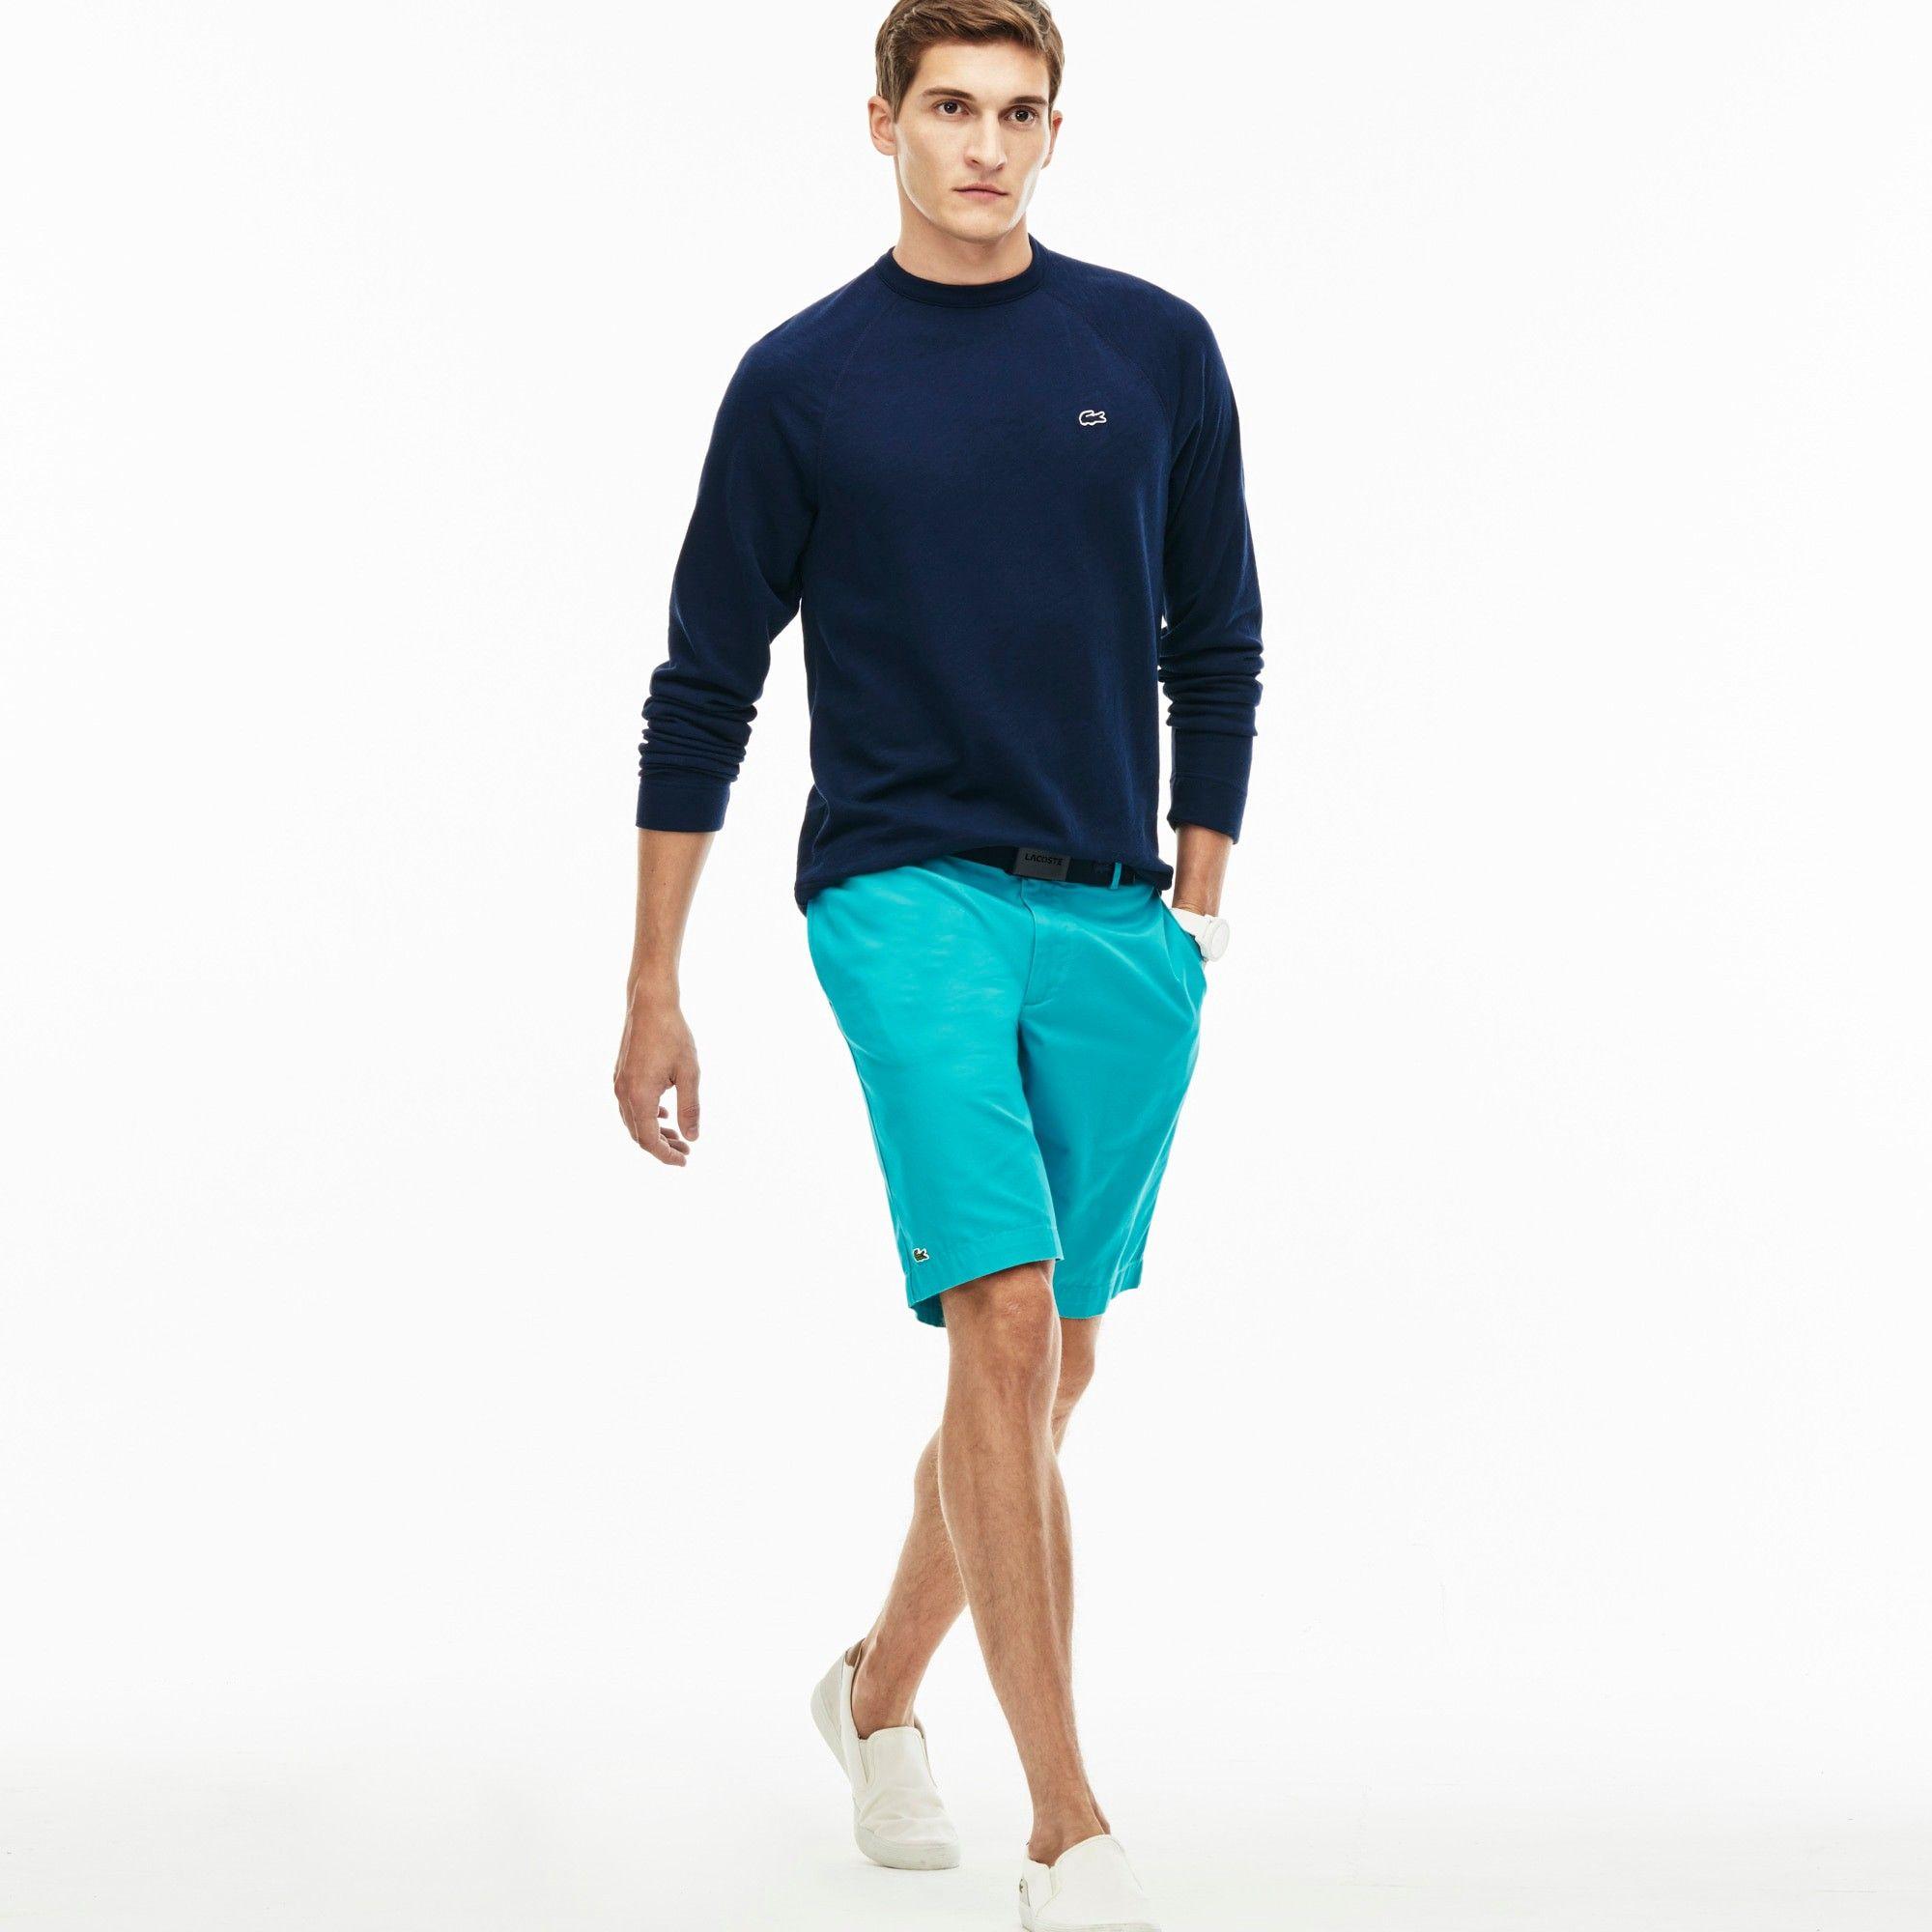 LACOSTE. Bermuda ShortsMen\u0027s ClothingCraftingPoloStyle ...